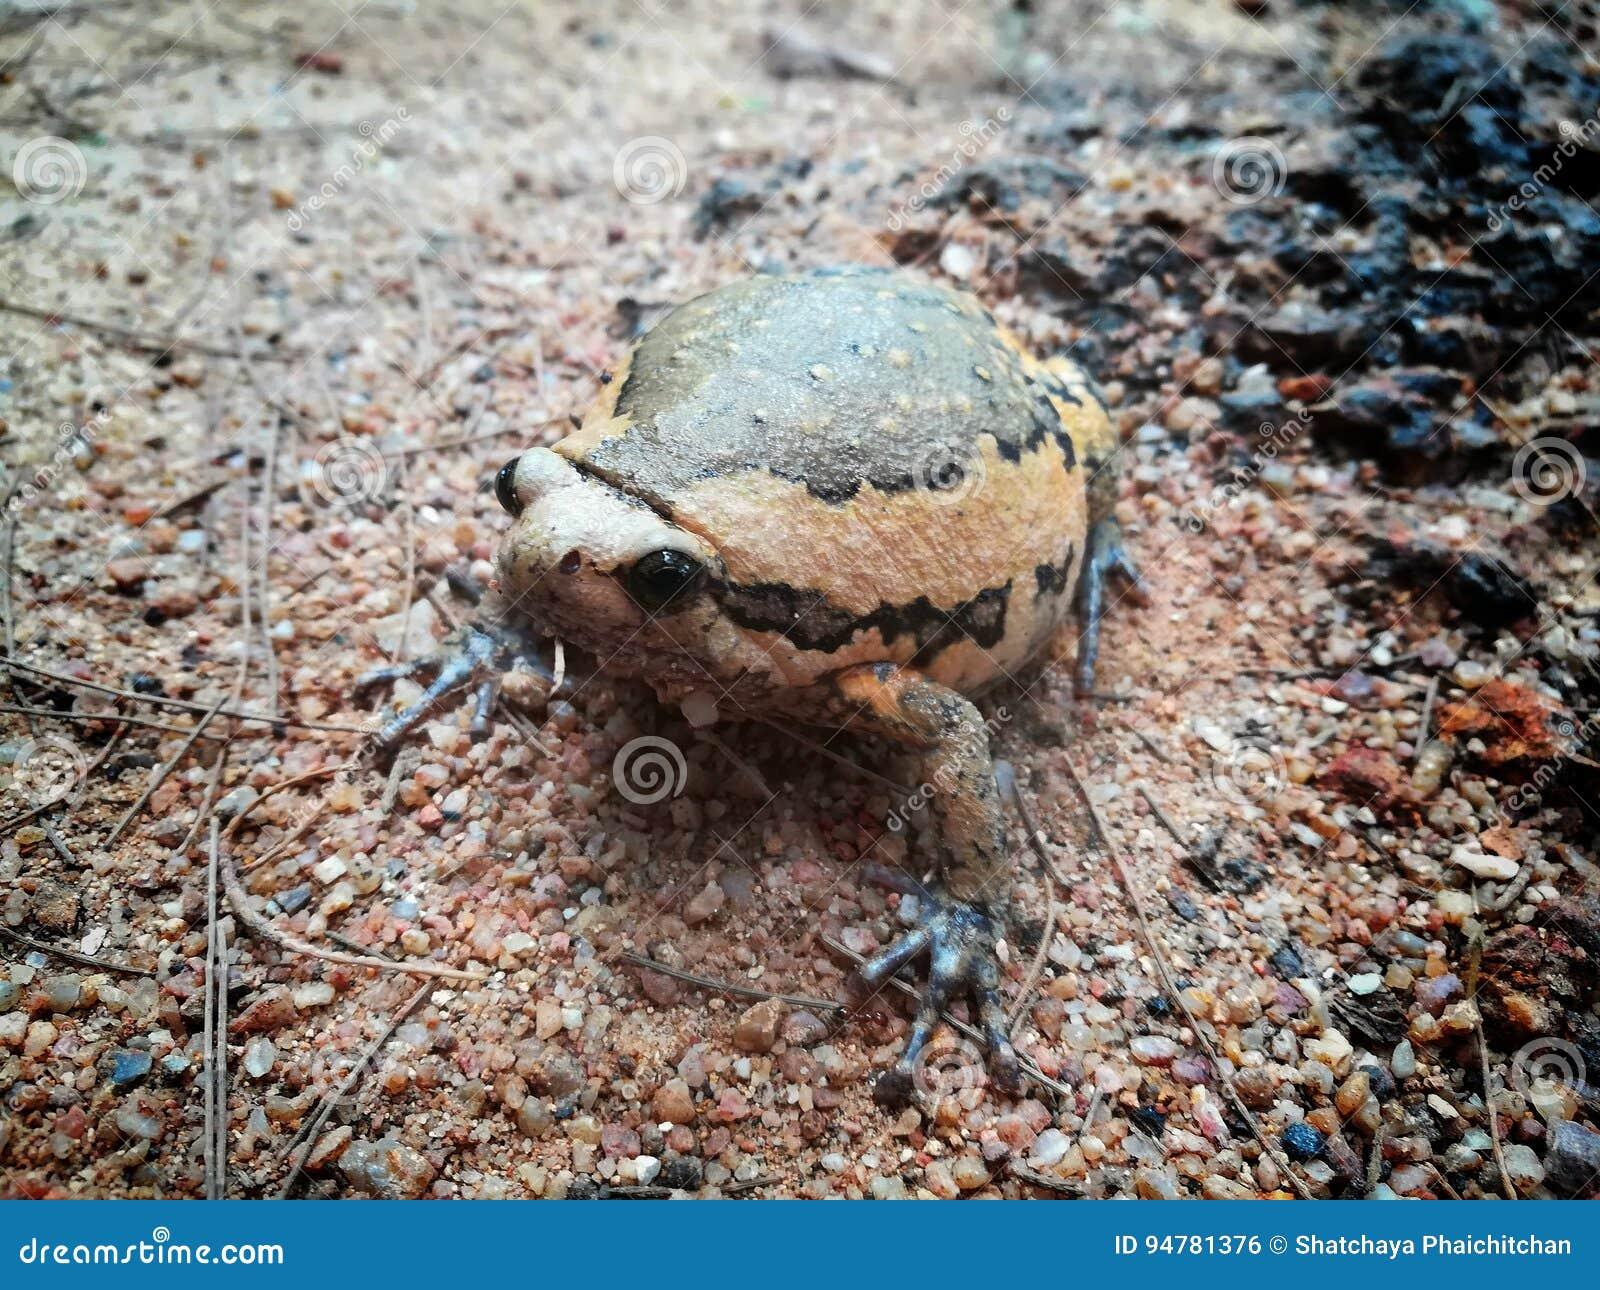 Vita selvaggia ed animale di rana catesbeiana della rana toro e del rospo e stile alle attrazioni turistiche della cima del ` s d